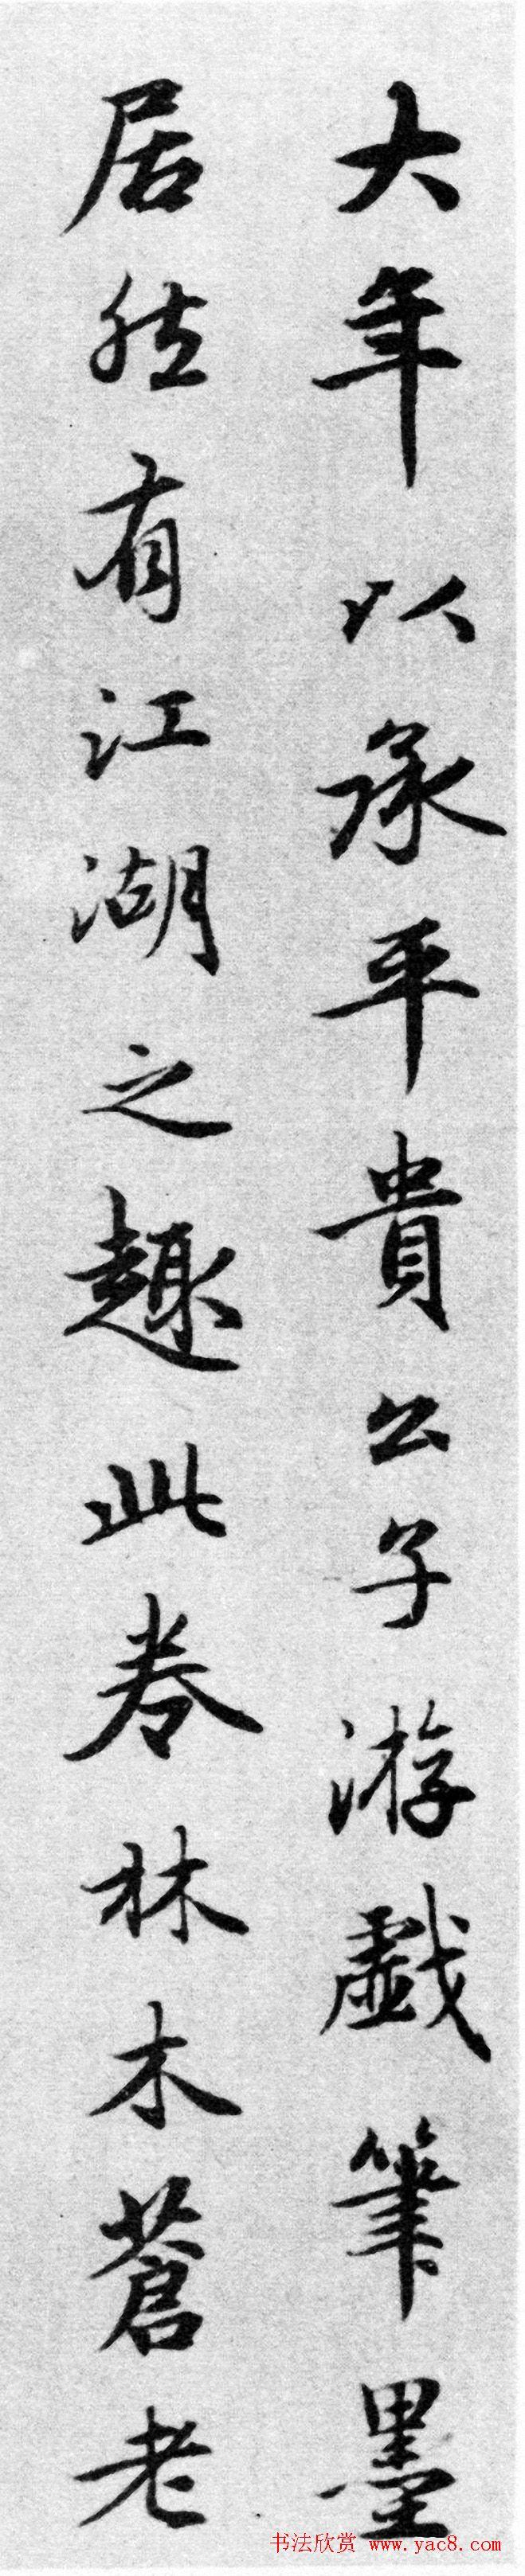 赵孟頫行书跋《赵大年江村秋晓图》